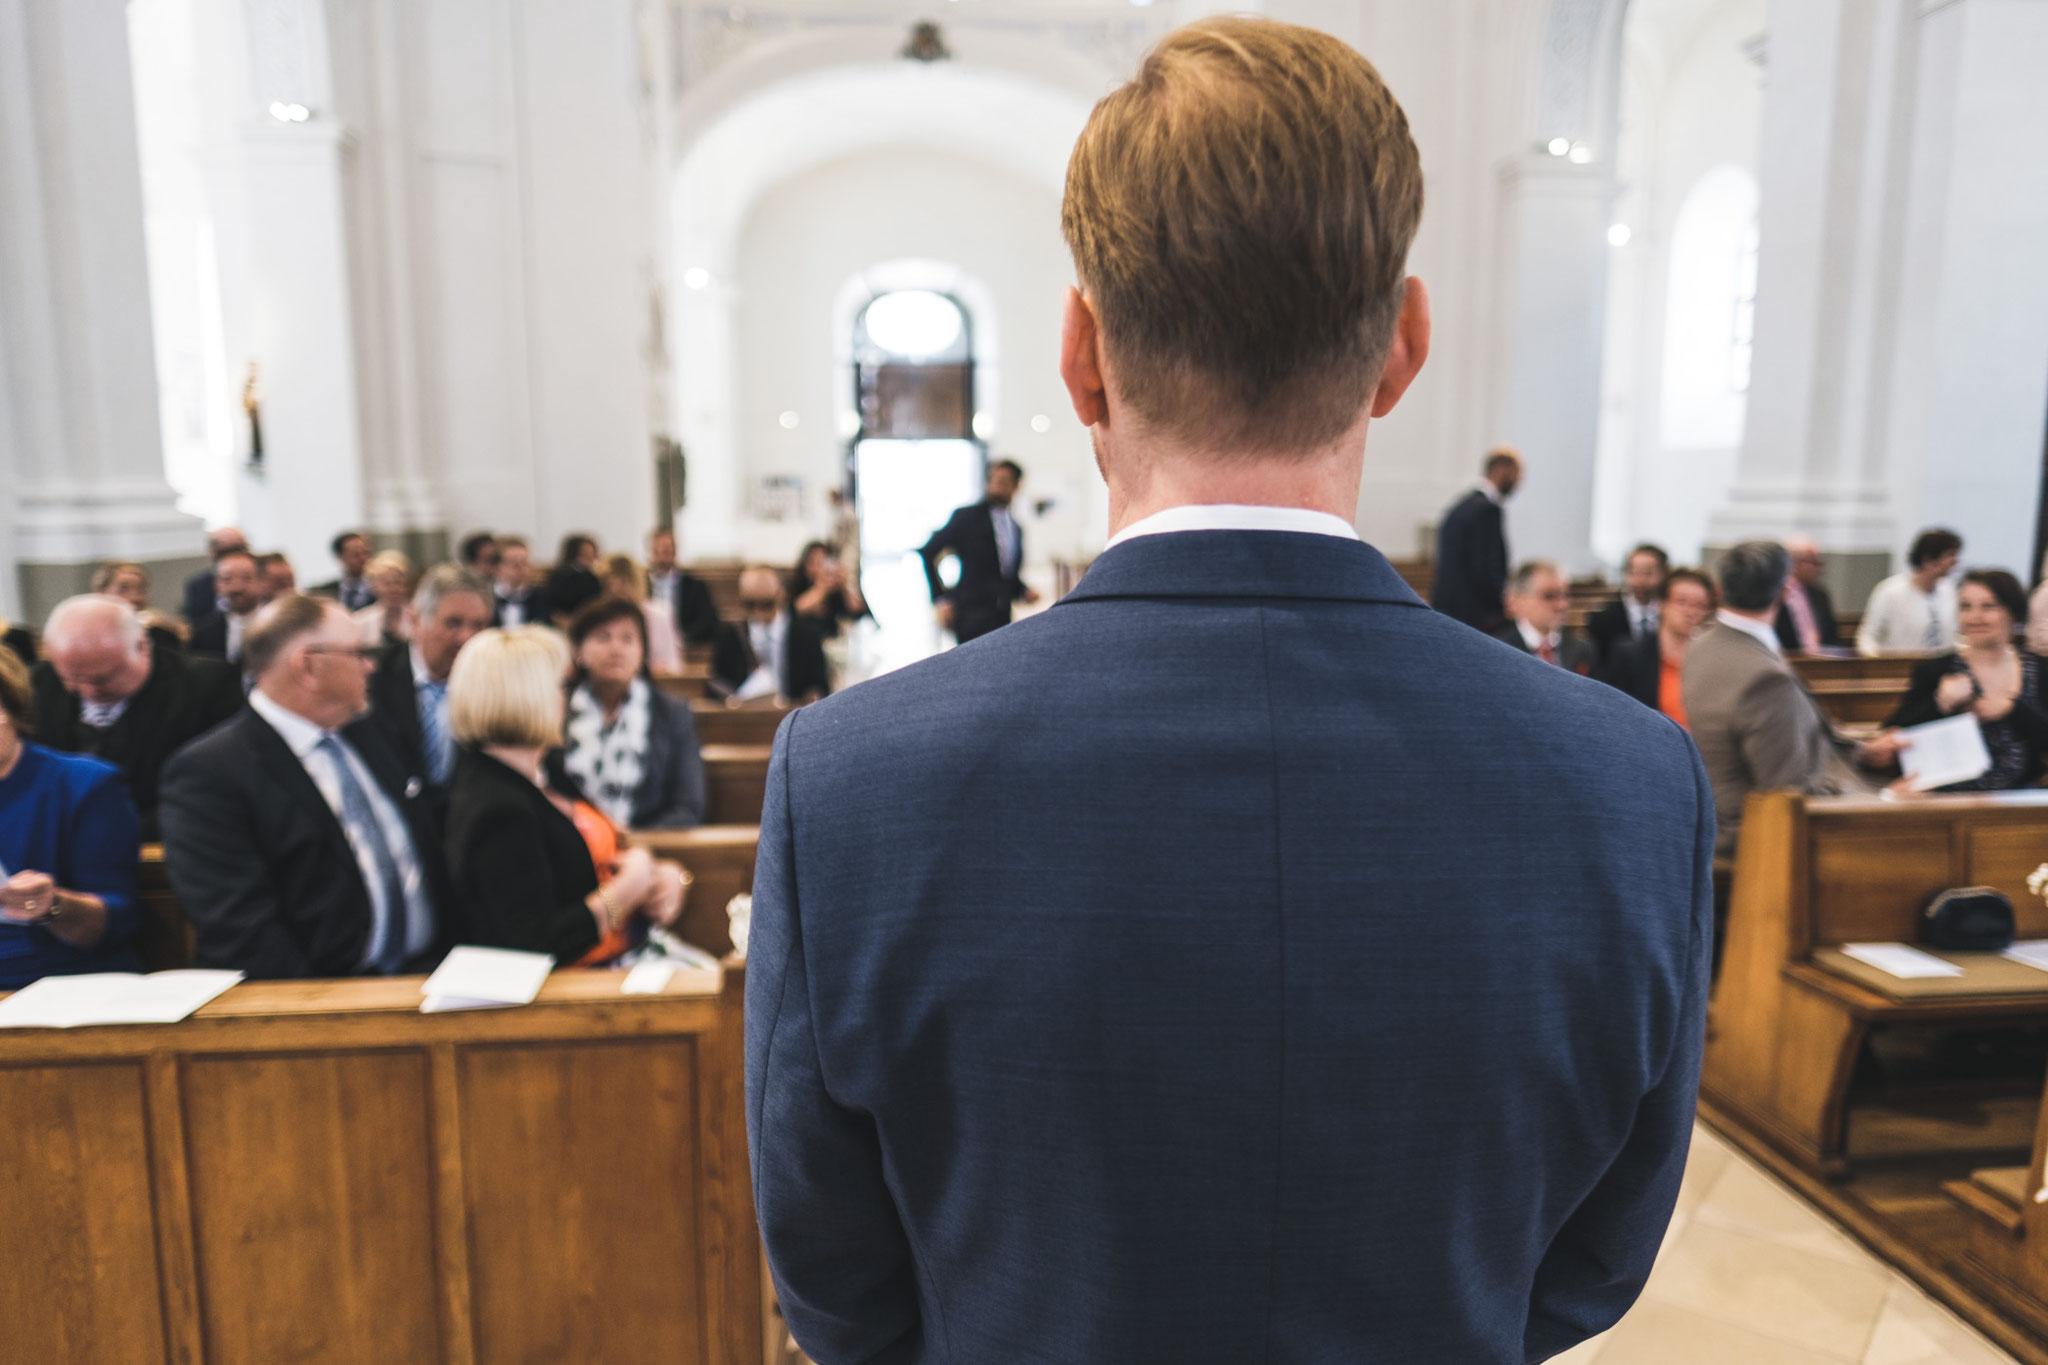 Trauung-Hochzeit-Würzburg